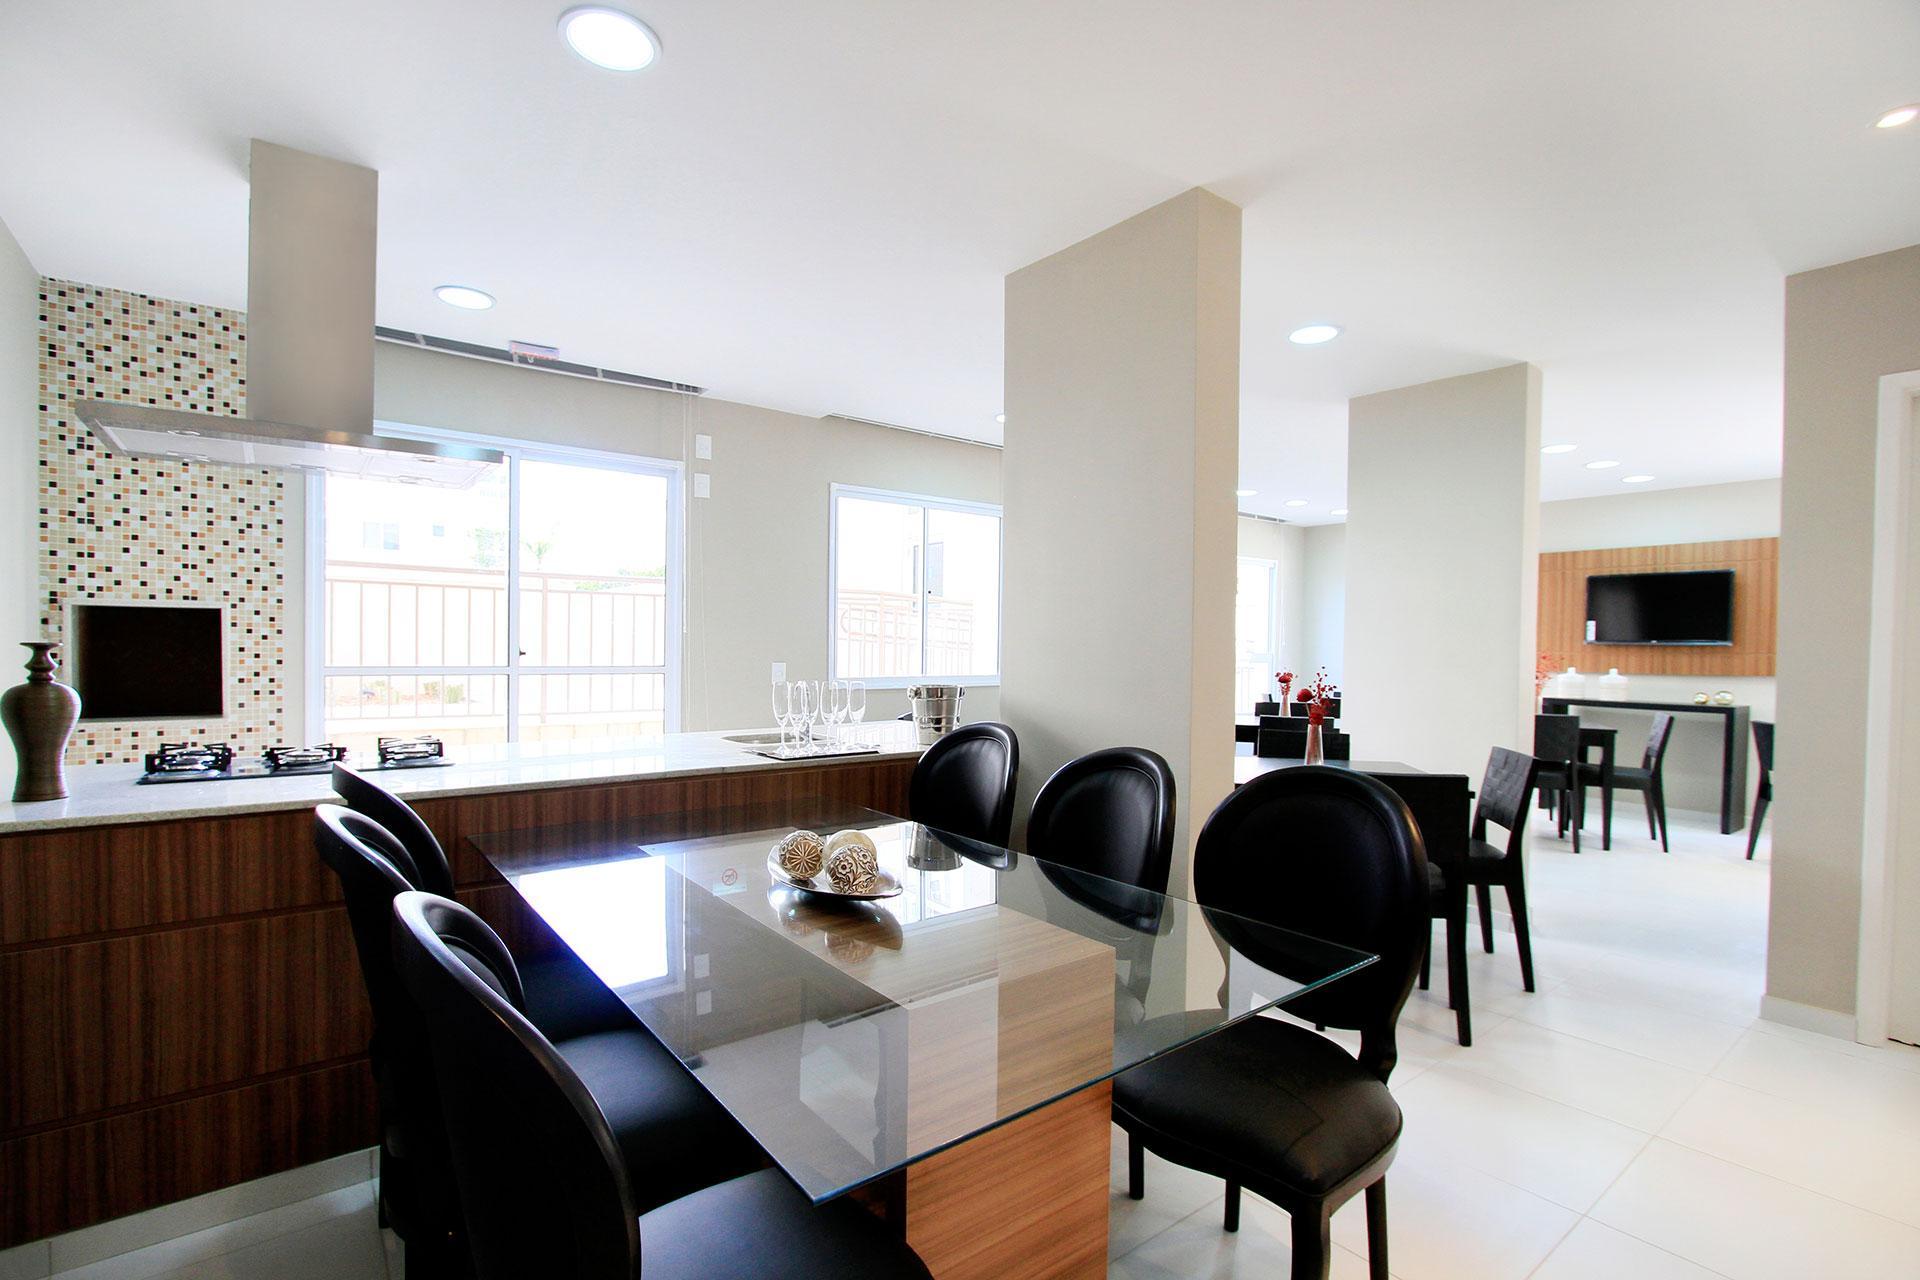 Lazer | Ideale Residencial – Apartamentono  Santa Quitéria - Curitiba - Paraná